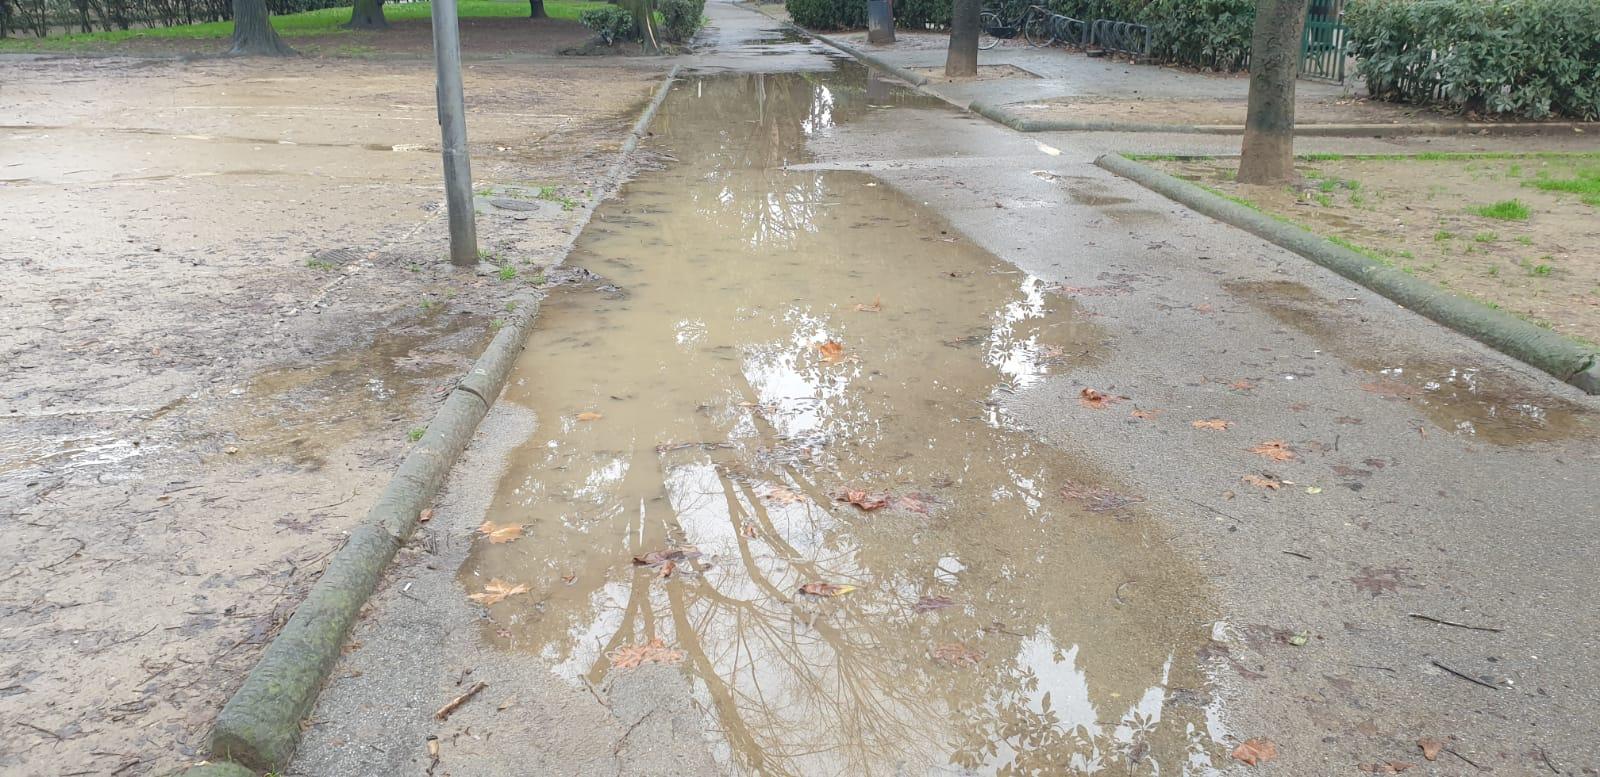 viale dei bambini alagamenti pioggia (4)